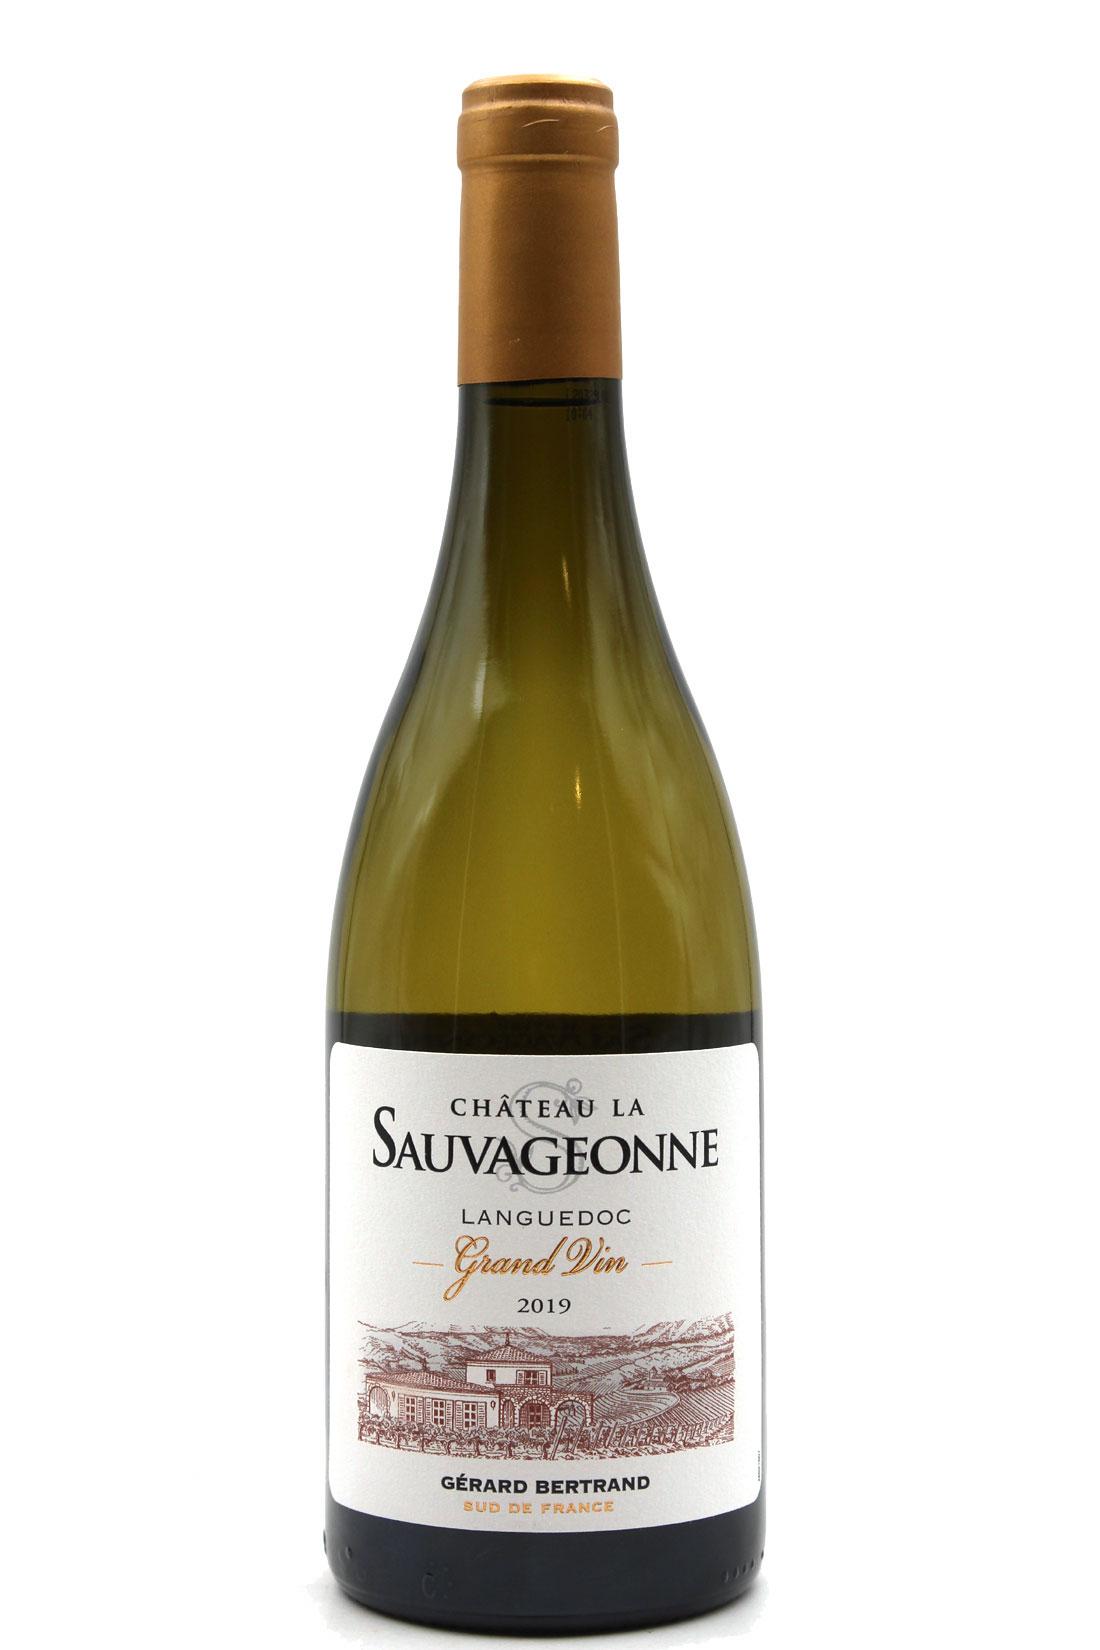 Château la Sauvageonne 2019 - Gérard Bertrand - Blanc 75cl - AOP Languedoc